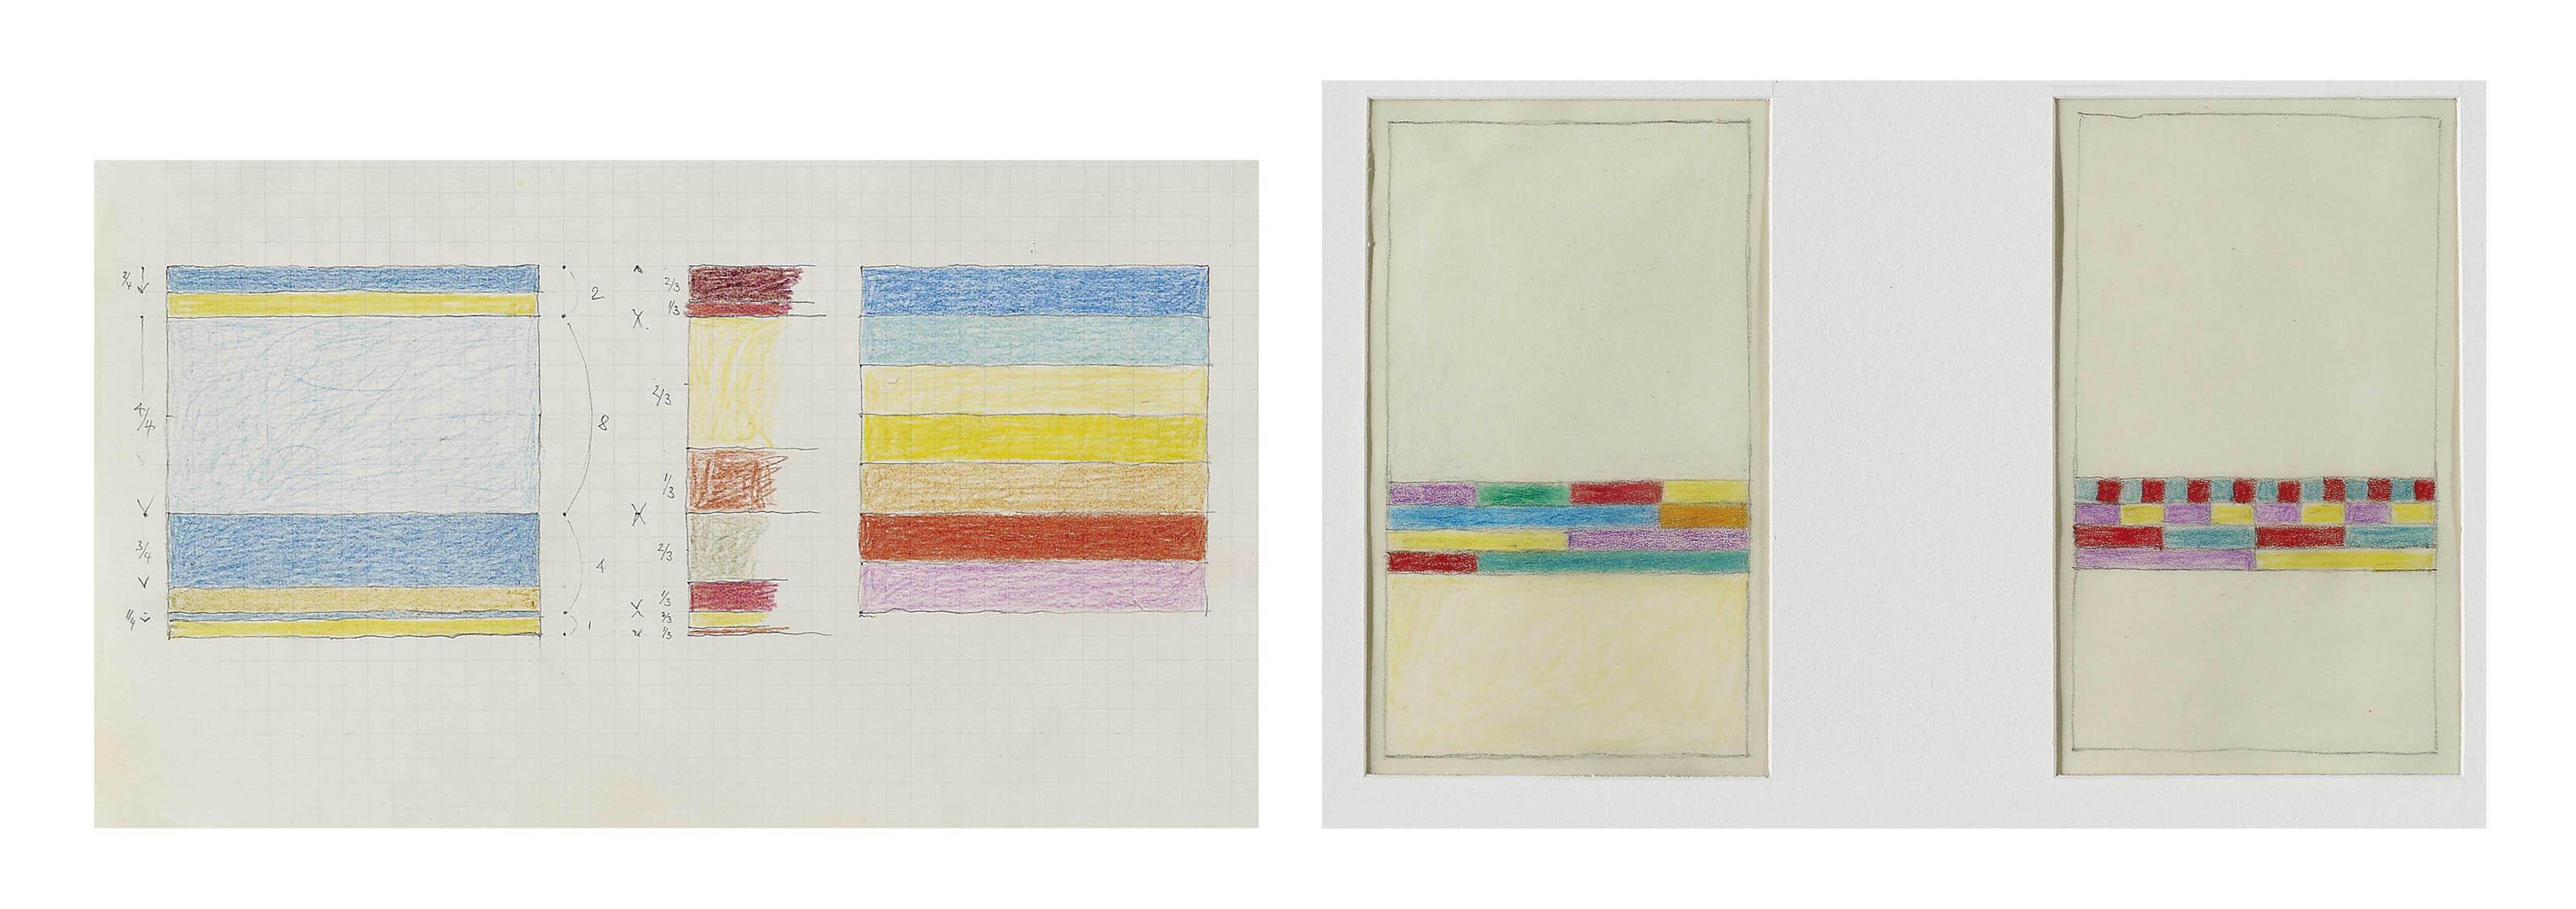 Sammelnummer von zwei Werken: Blatt mit zwei Farbstudien, 1965  Blatt mit zwei Farbstudien, 1970